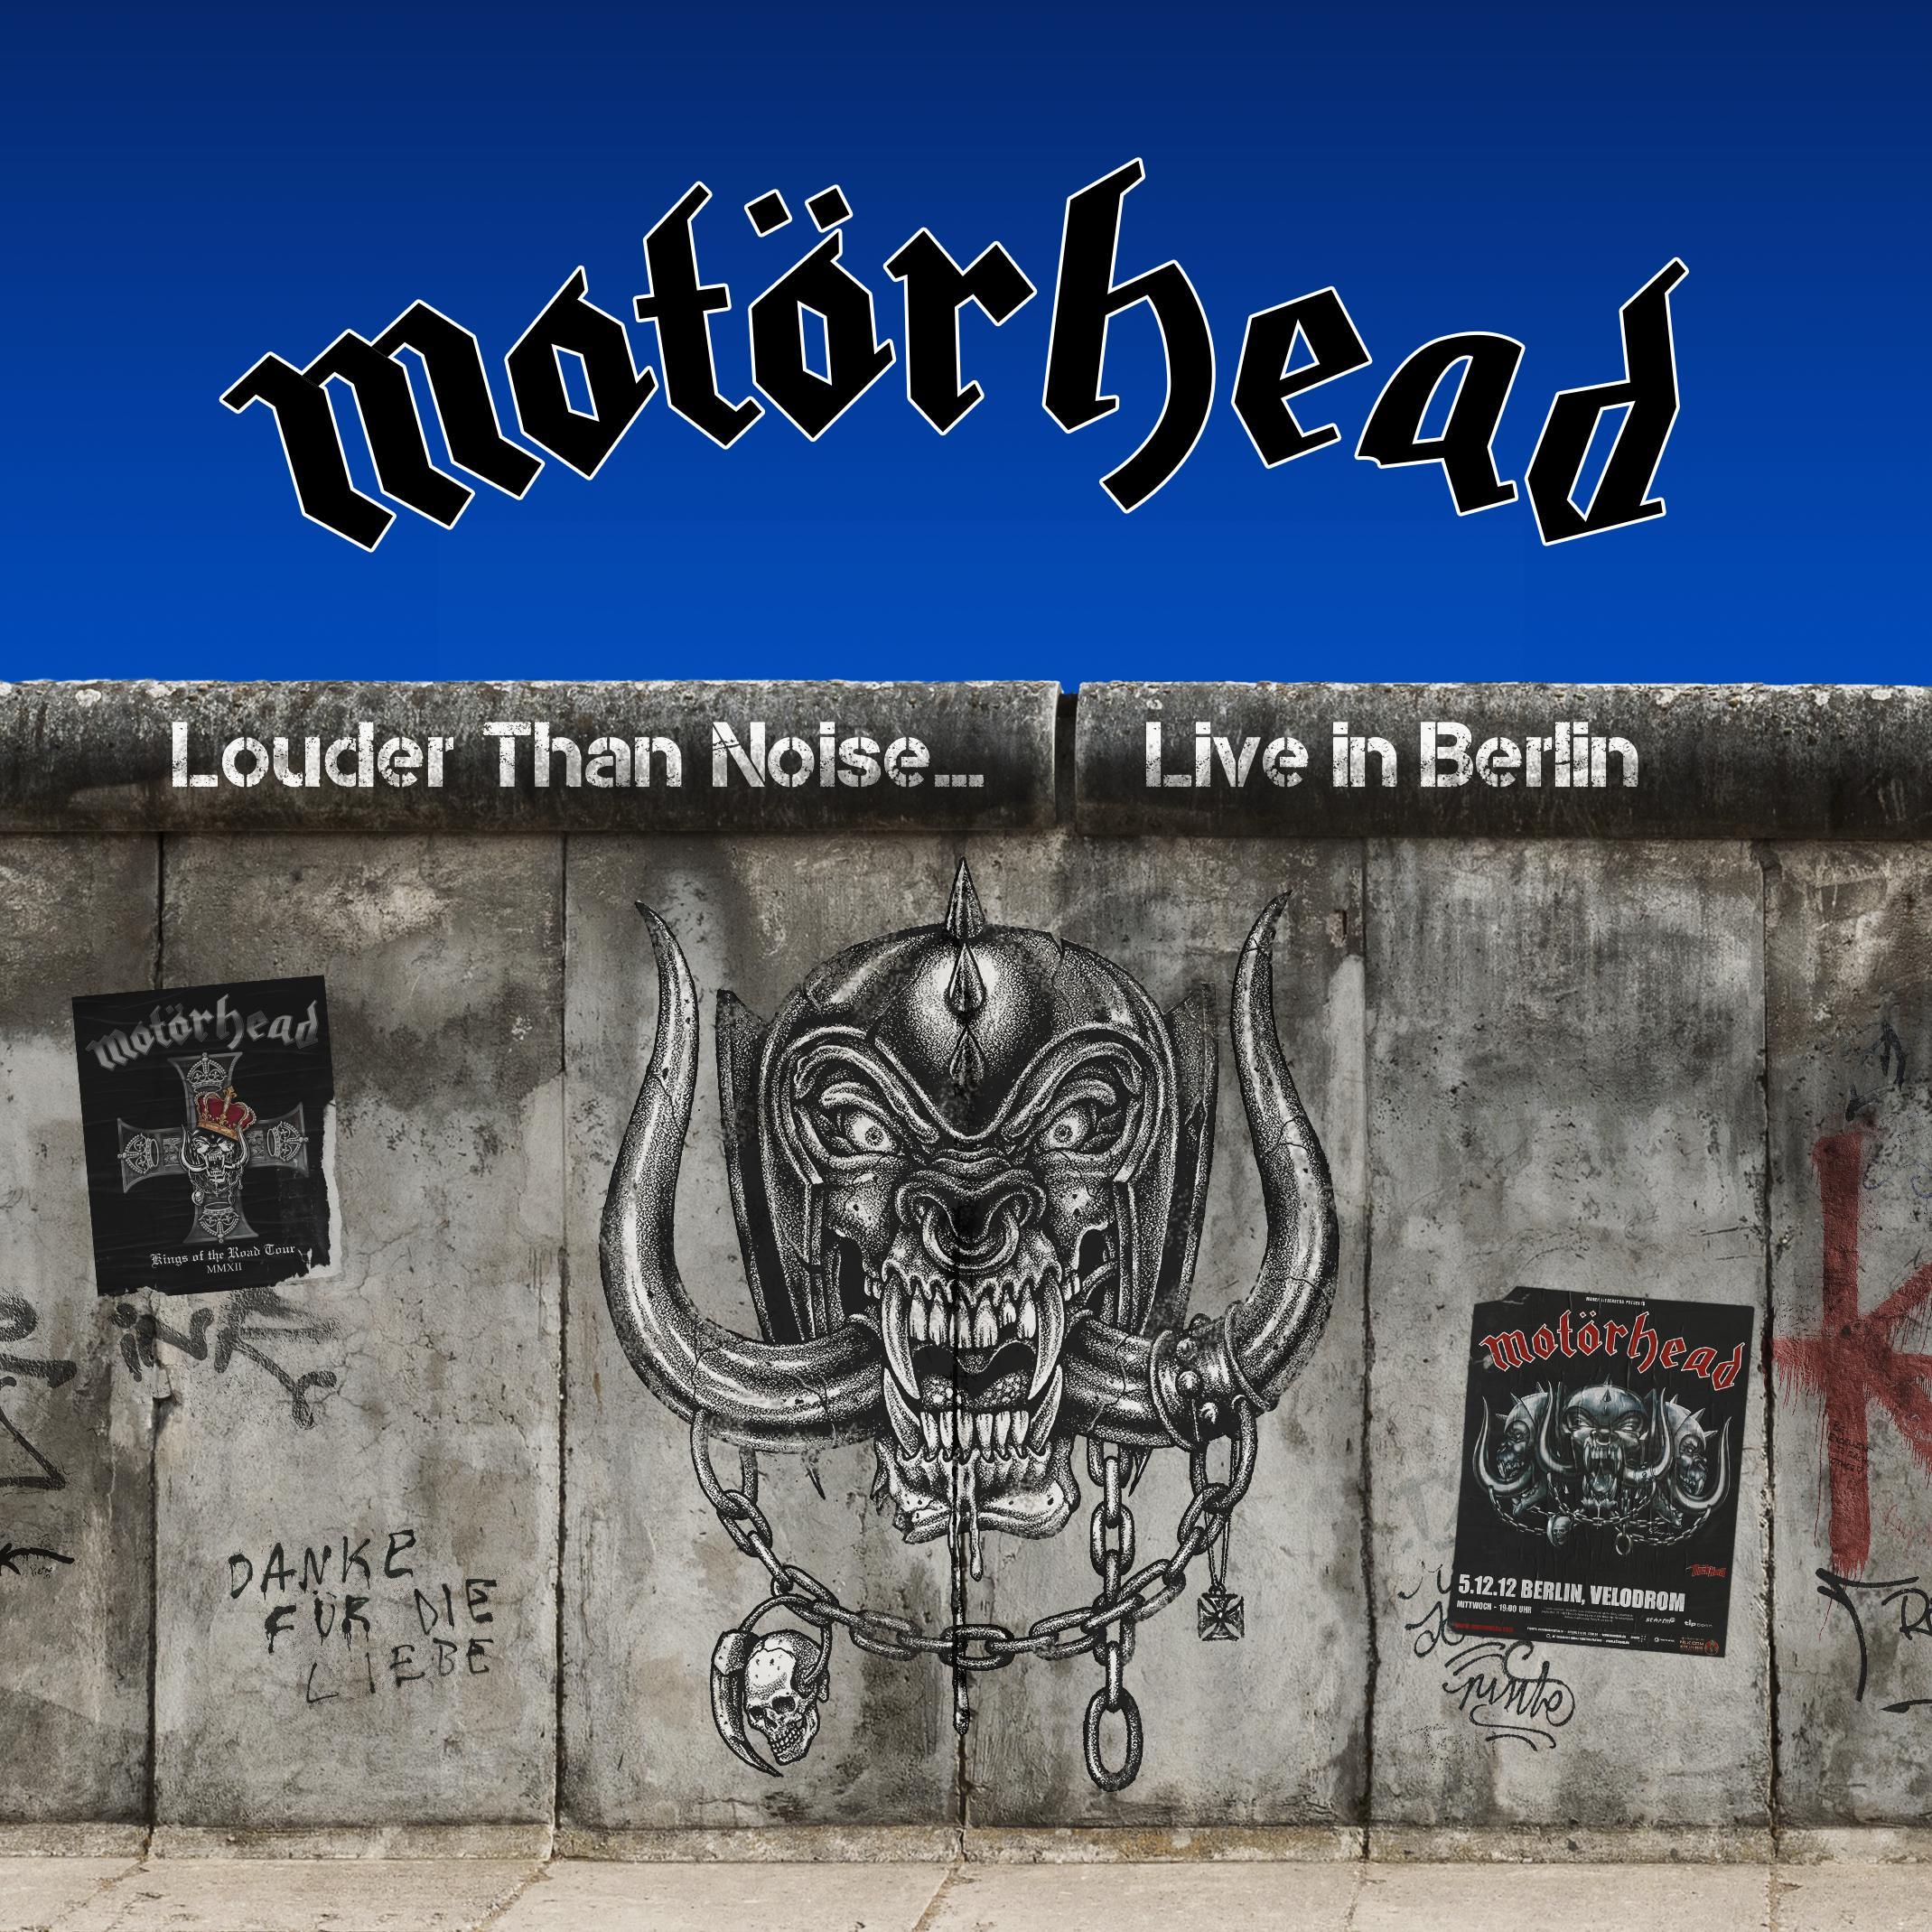 motorhead louder than noise live in berlin 2012 cover art 2021